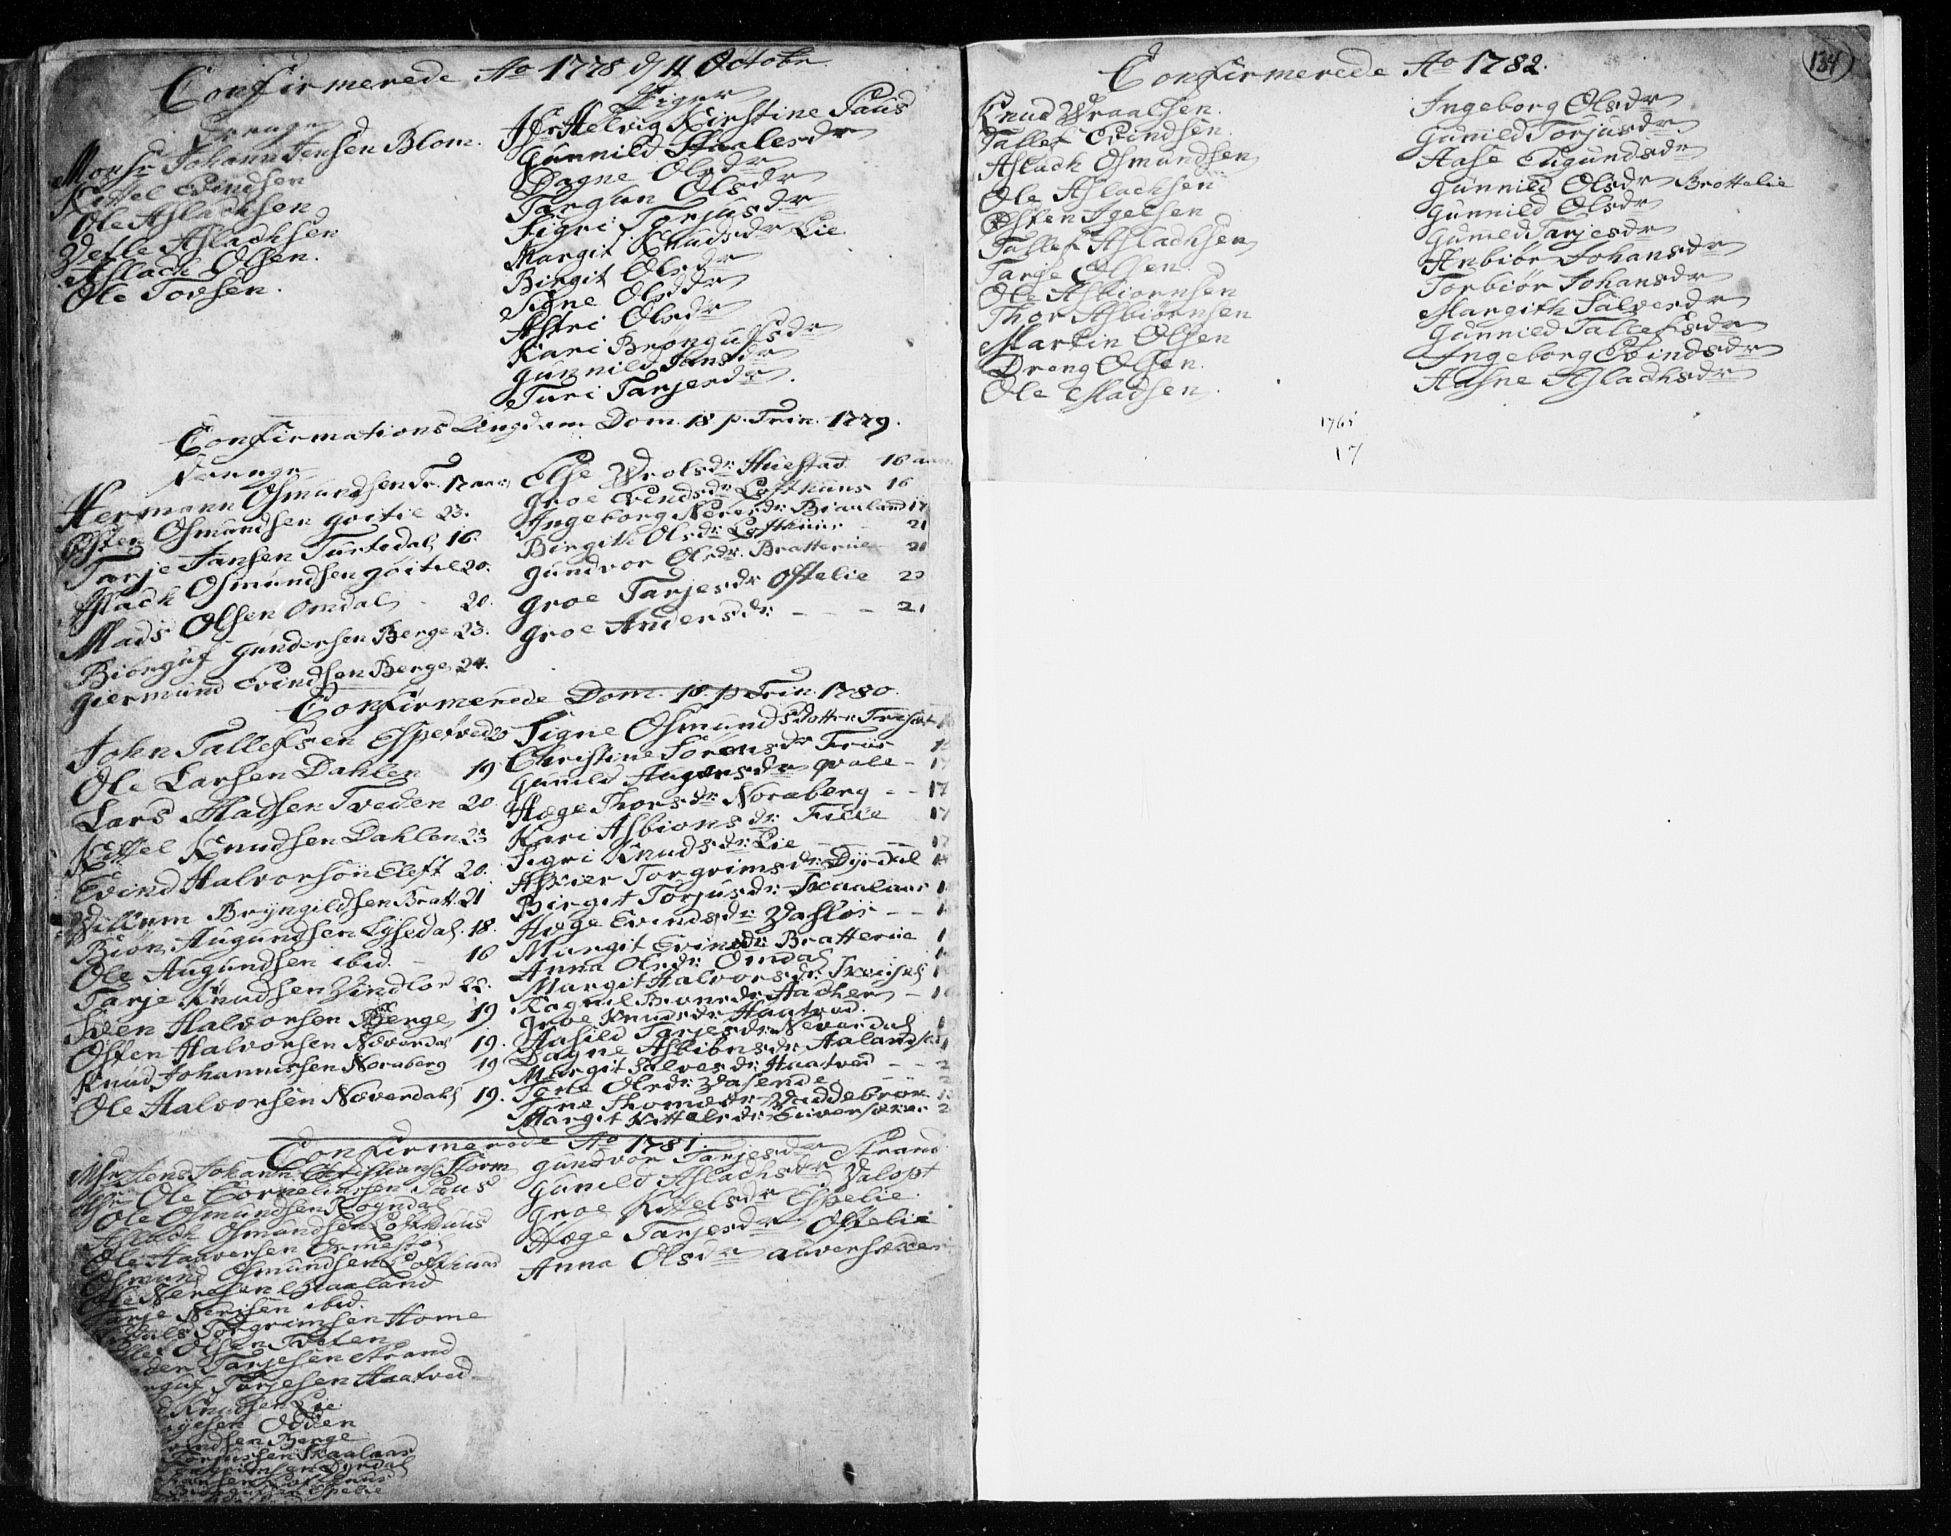 SAKO, Lårdal kirkebøker, F/Fa/L0003: Ministerialbok nr. I 3, 1754-1790, s. 134